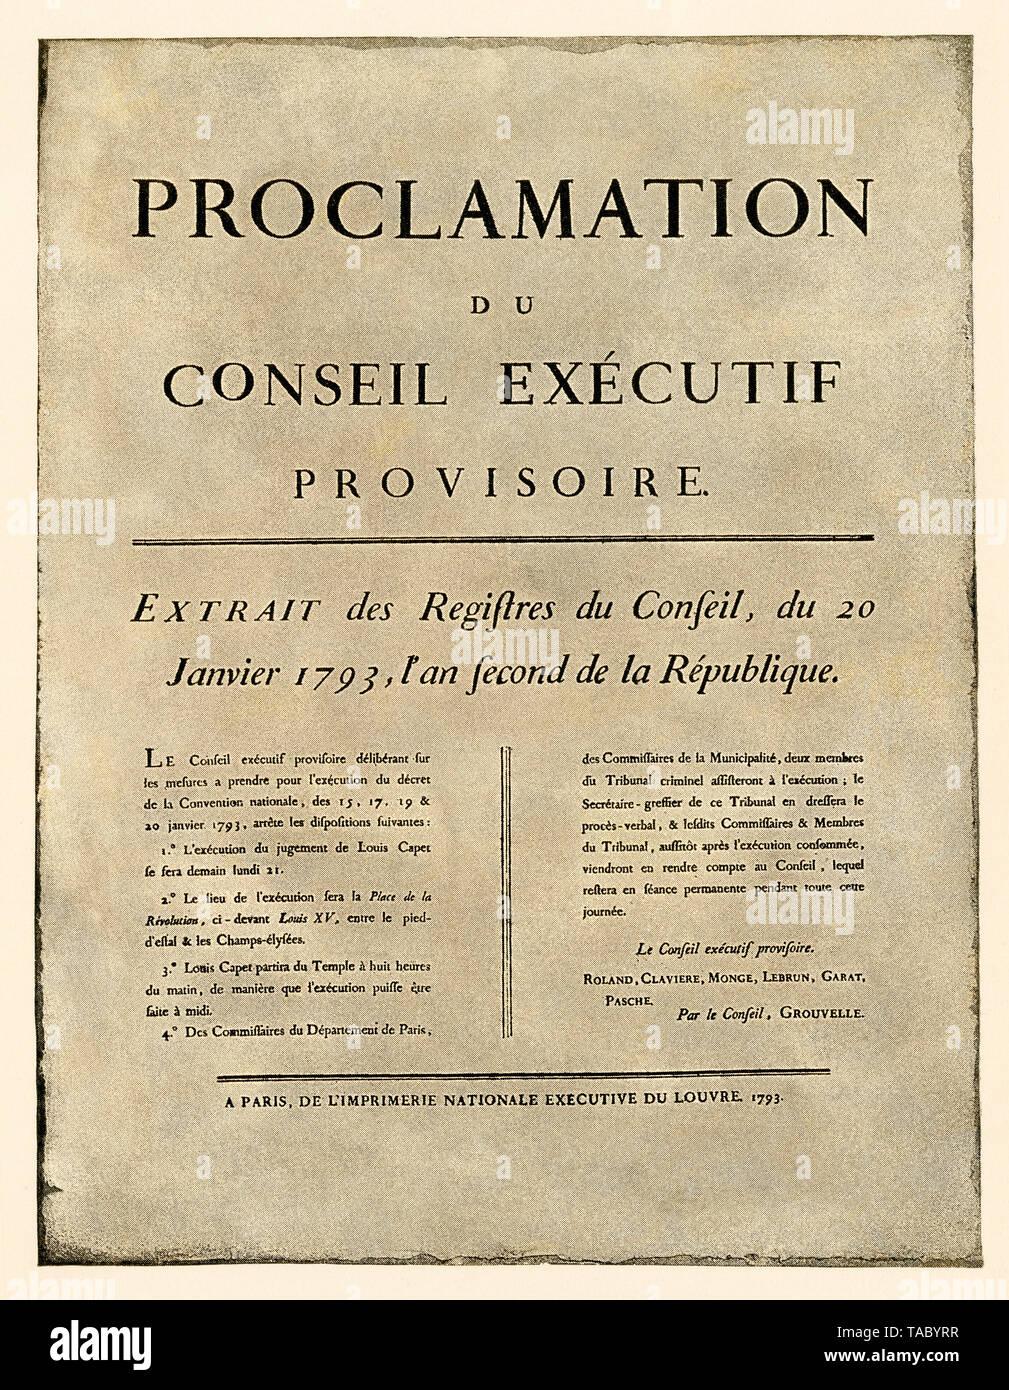 Anuncio de la orden de ejecución de Luis XVI, la Revolución Francesa de 1793. Con un lavado de acuarela de semitono Foto de stock